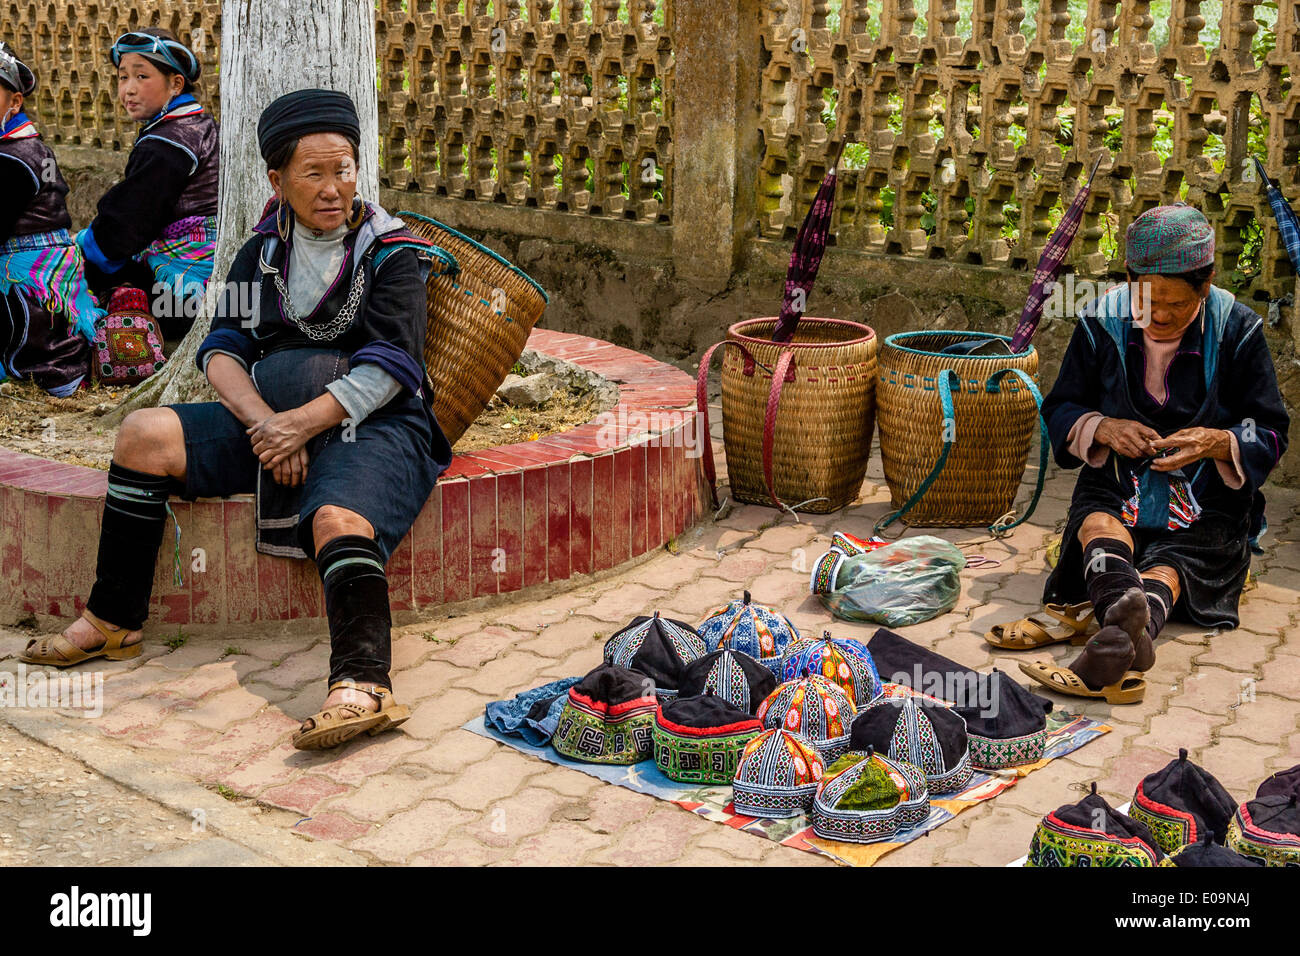 La gente de las tribus hmong negros en el mercado de Sa Pa, provincia de Lao Cai, Vietnam Imagen De Stock